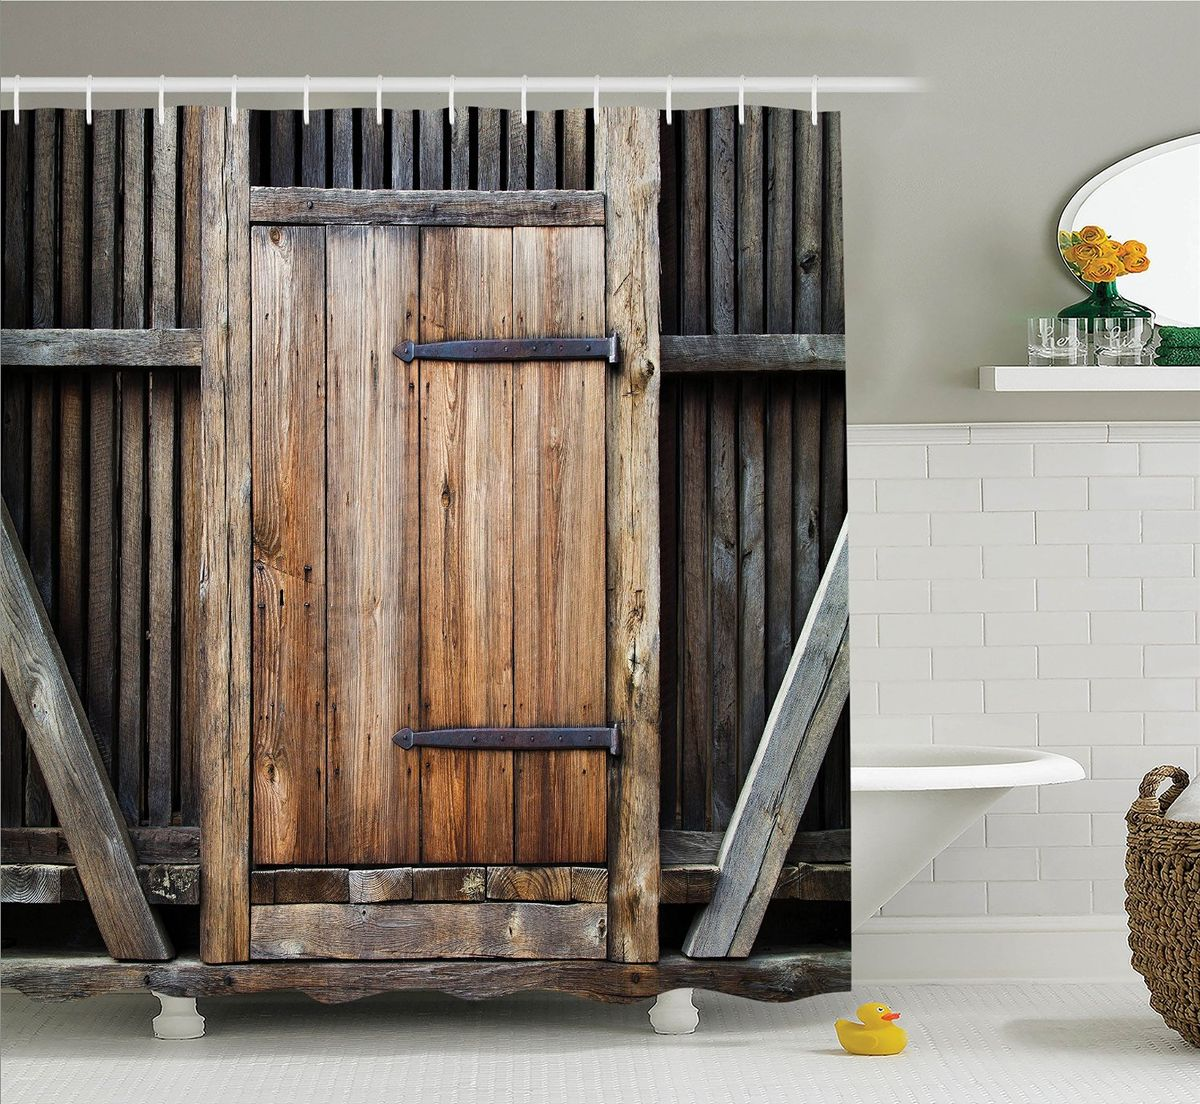 Штора для ванной комнаты Magic Lady Деревянная дверь, 180 х 200 смшв_10999Штора Magic Lady Деревянная дверь, изготовленная из высококачественного сатена (полиэстер 100%), отлично дополнит любой интерьер ванной комнаты. При изготовлении используются специальные гипоаллергенные чернила для прямой печати по ткани, безопасные для человека.В комплекте: 1 штора, 12 крючков. Обращаем ваше внимание, фактический цвет изделия может незначительно отличаться от представленного на фото.